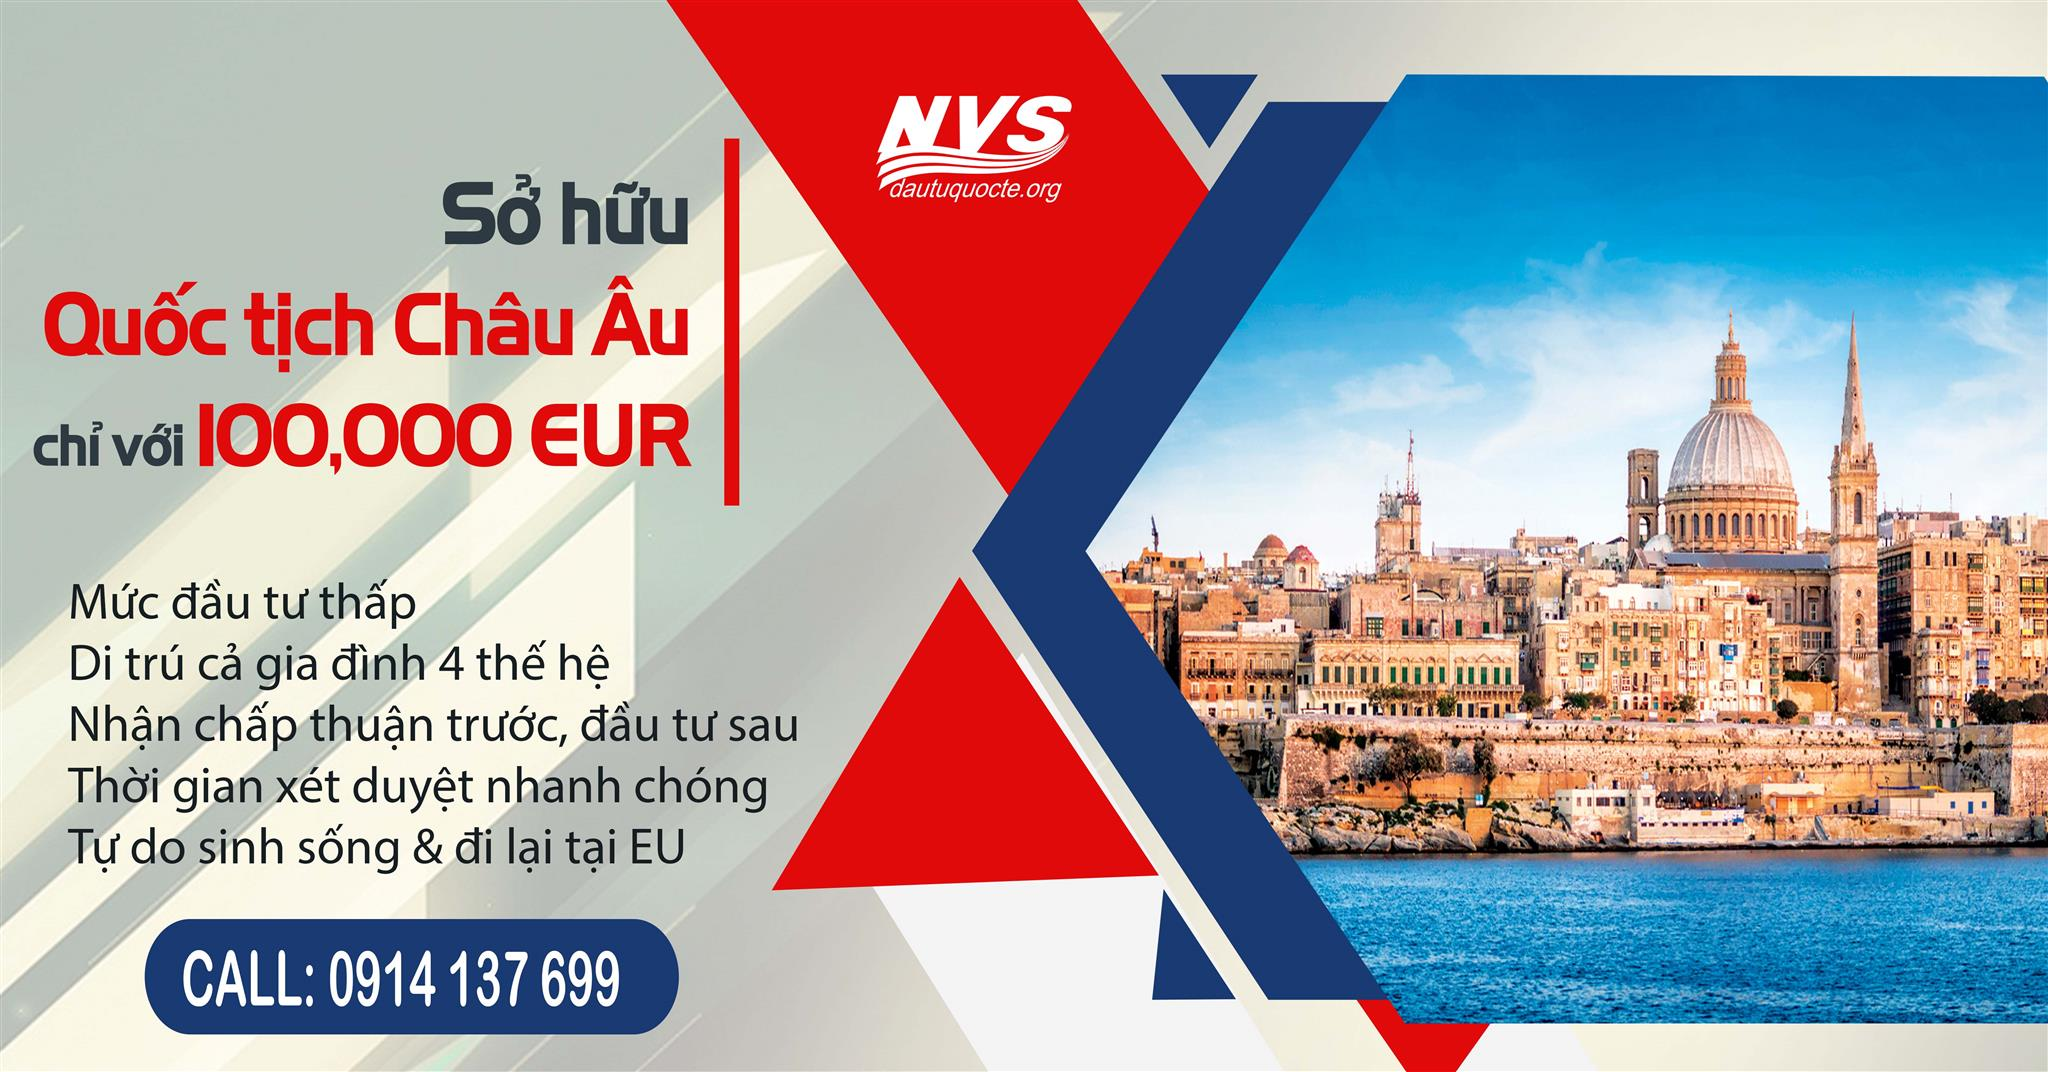 đầu tư đinhj cư Malta, nhận quốc tịch Châu Âu